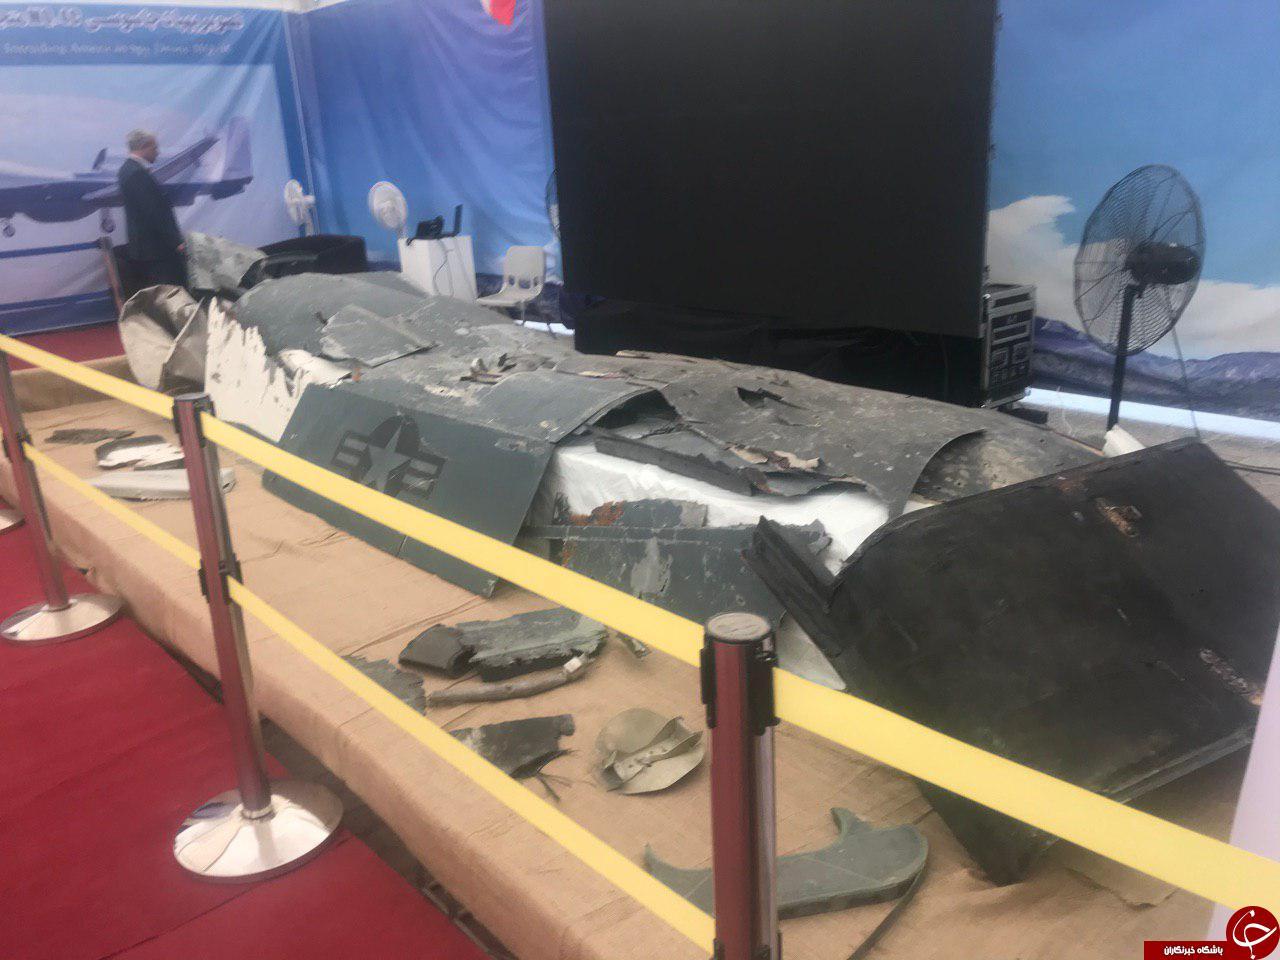 کدام تجهیزات آمریکایی و اسرائیلی غنیمتگرفته شده توسط سپاه رونمایی شدند؟